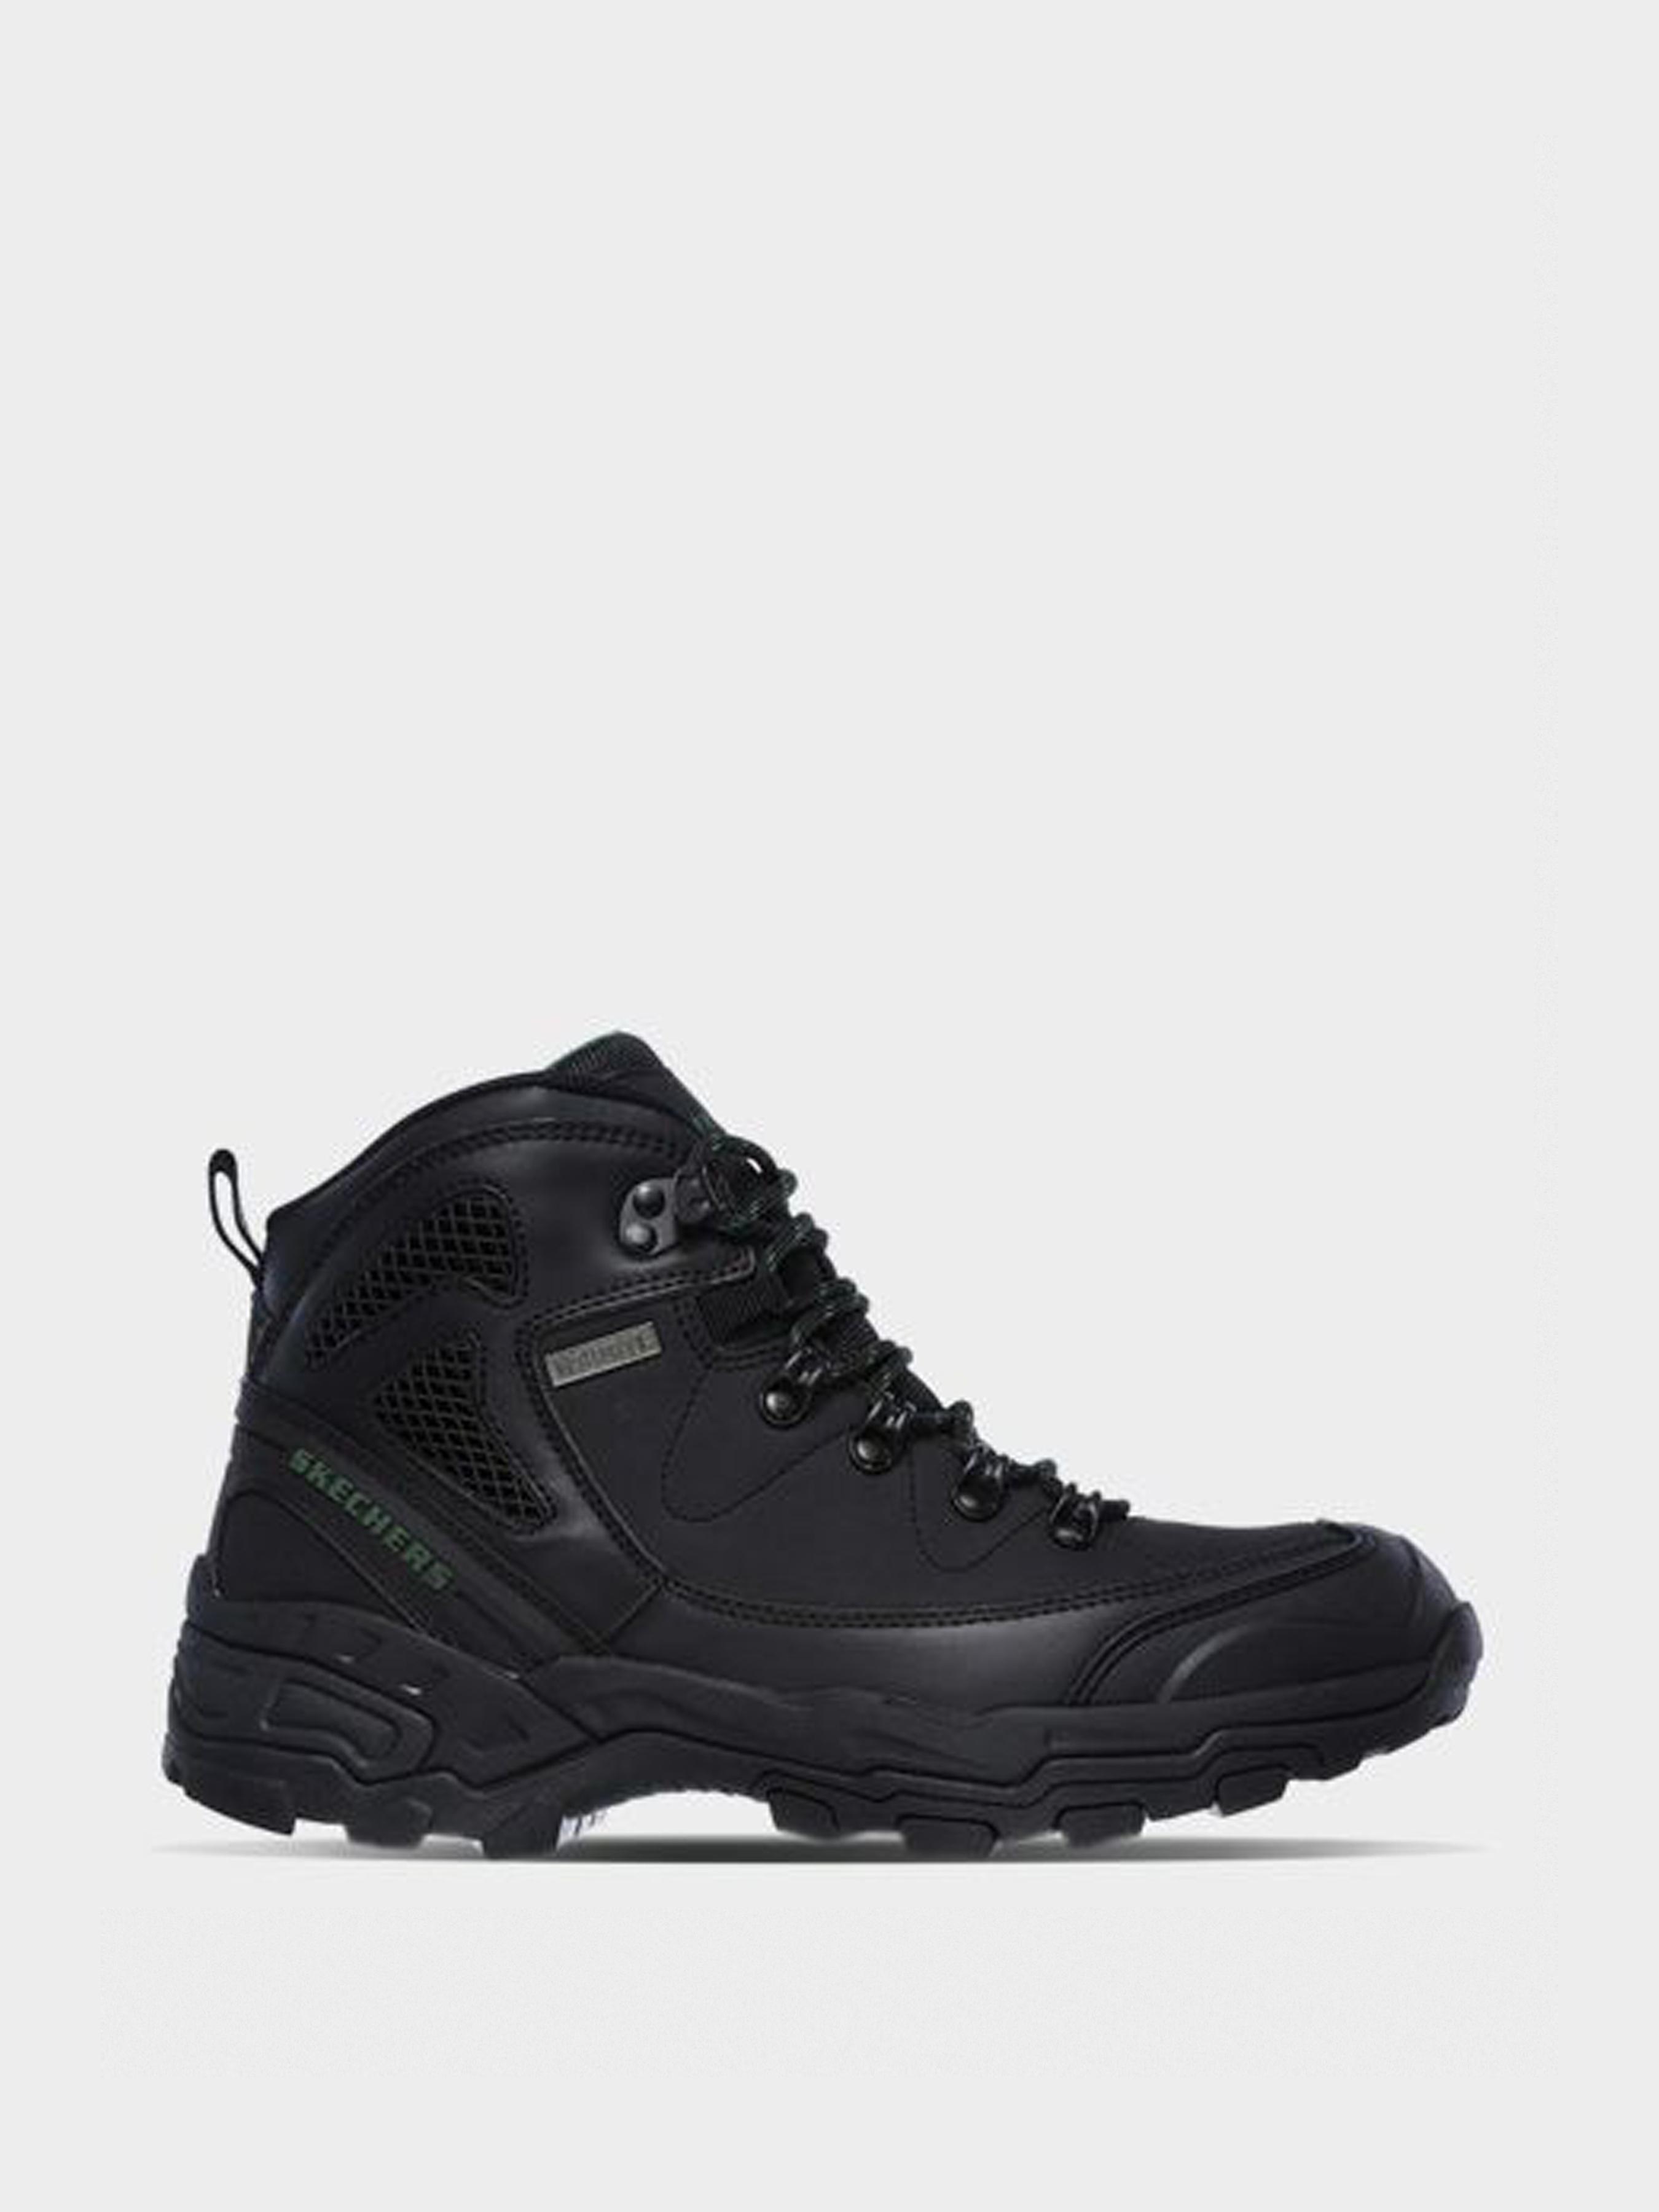 Купить Ботинки мужские Skechers KM2701, Черный